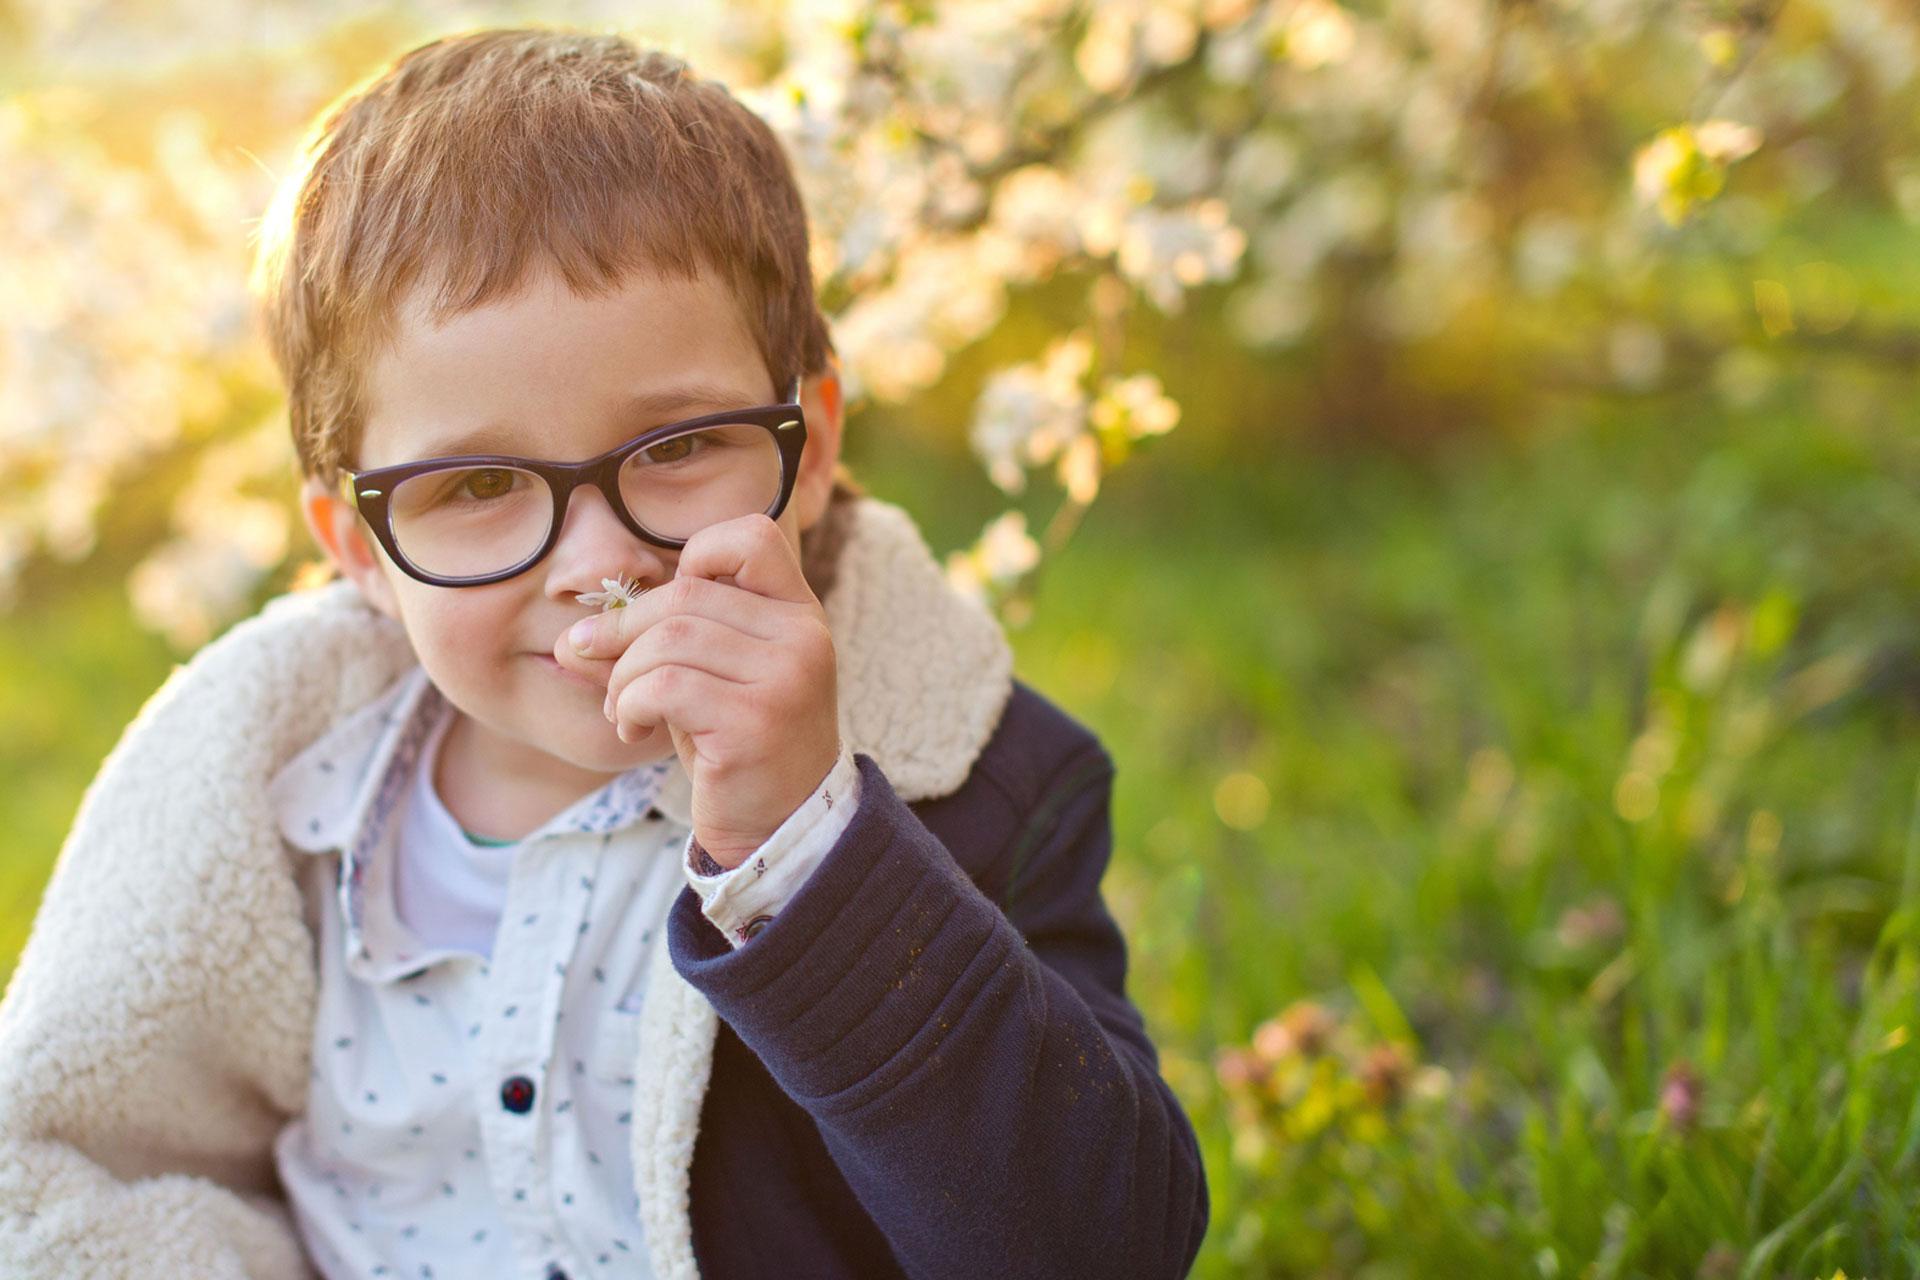 12 őszinte tanács pedagógusoktól szülőknek, hogy sikeres és boldog iskolás lehessen a gyereked!